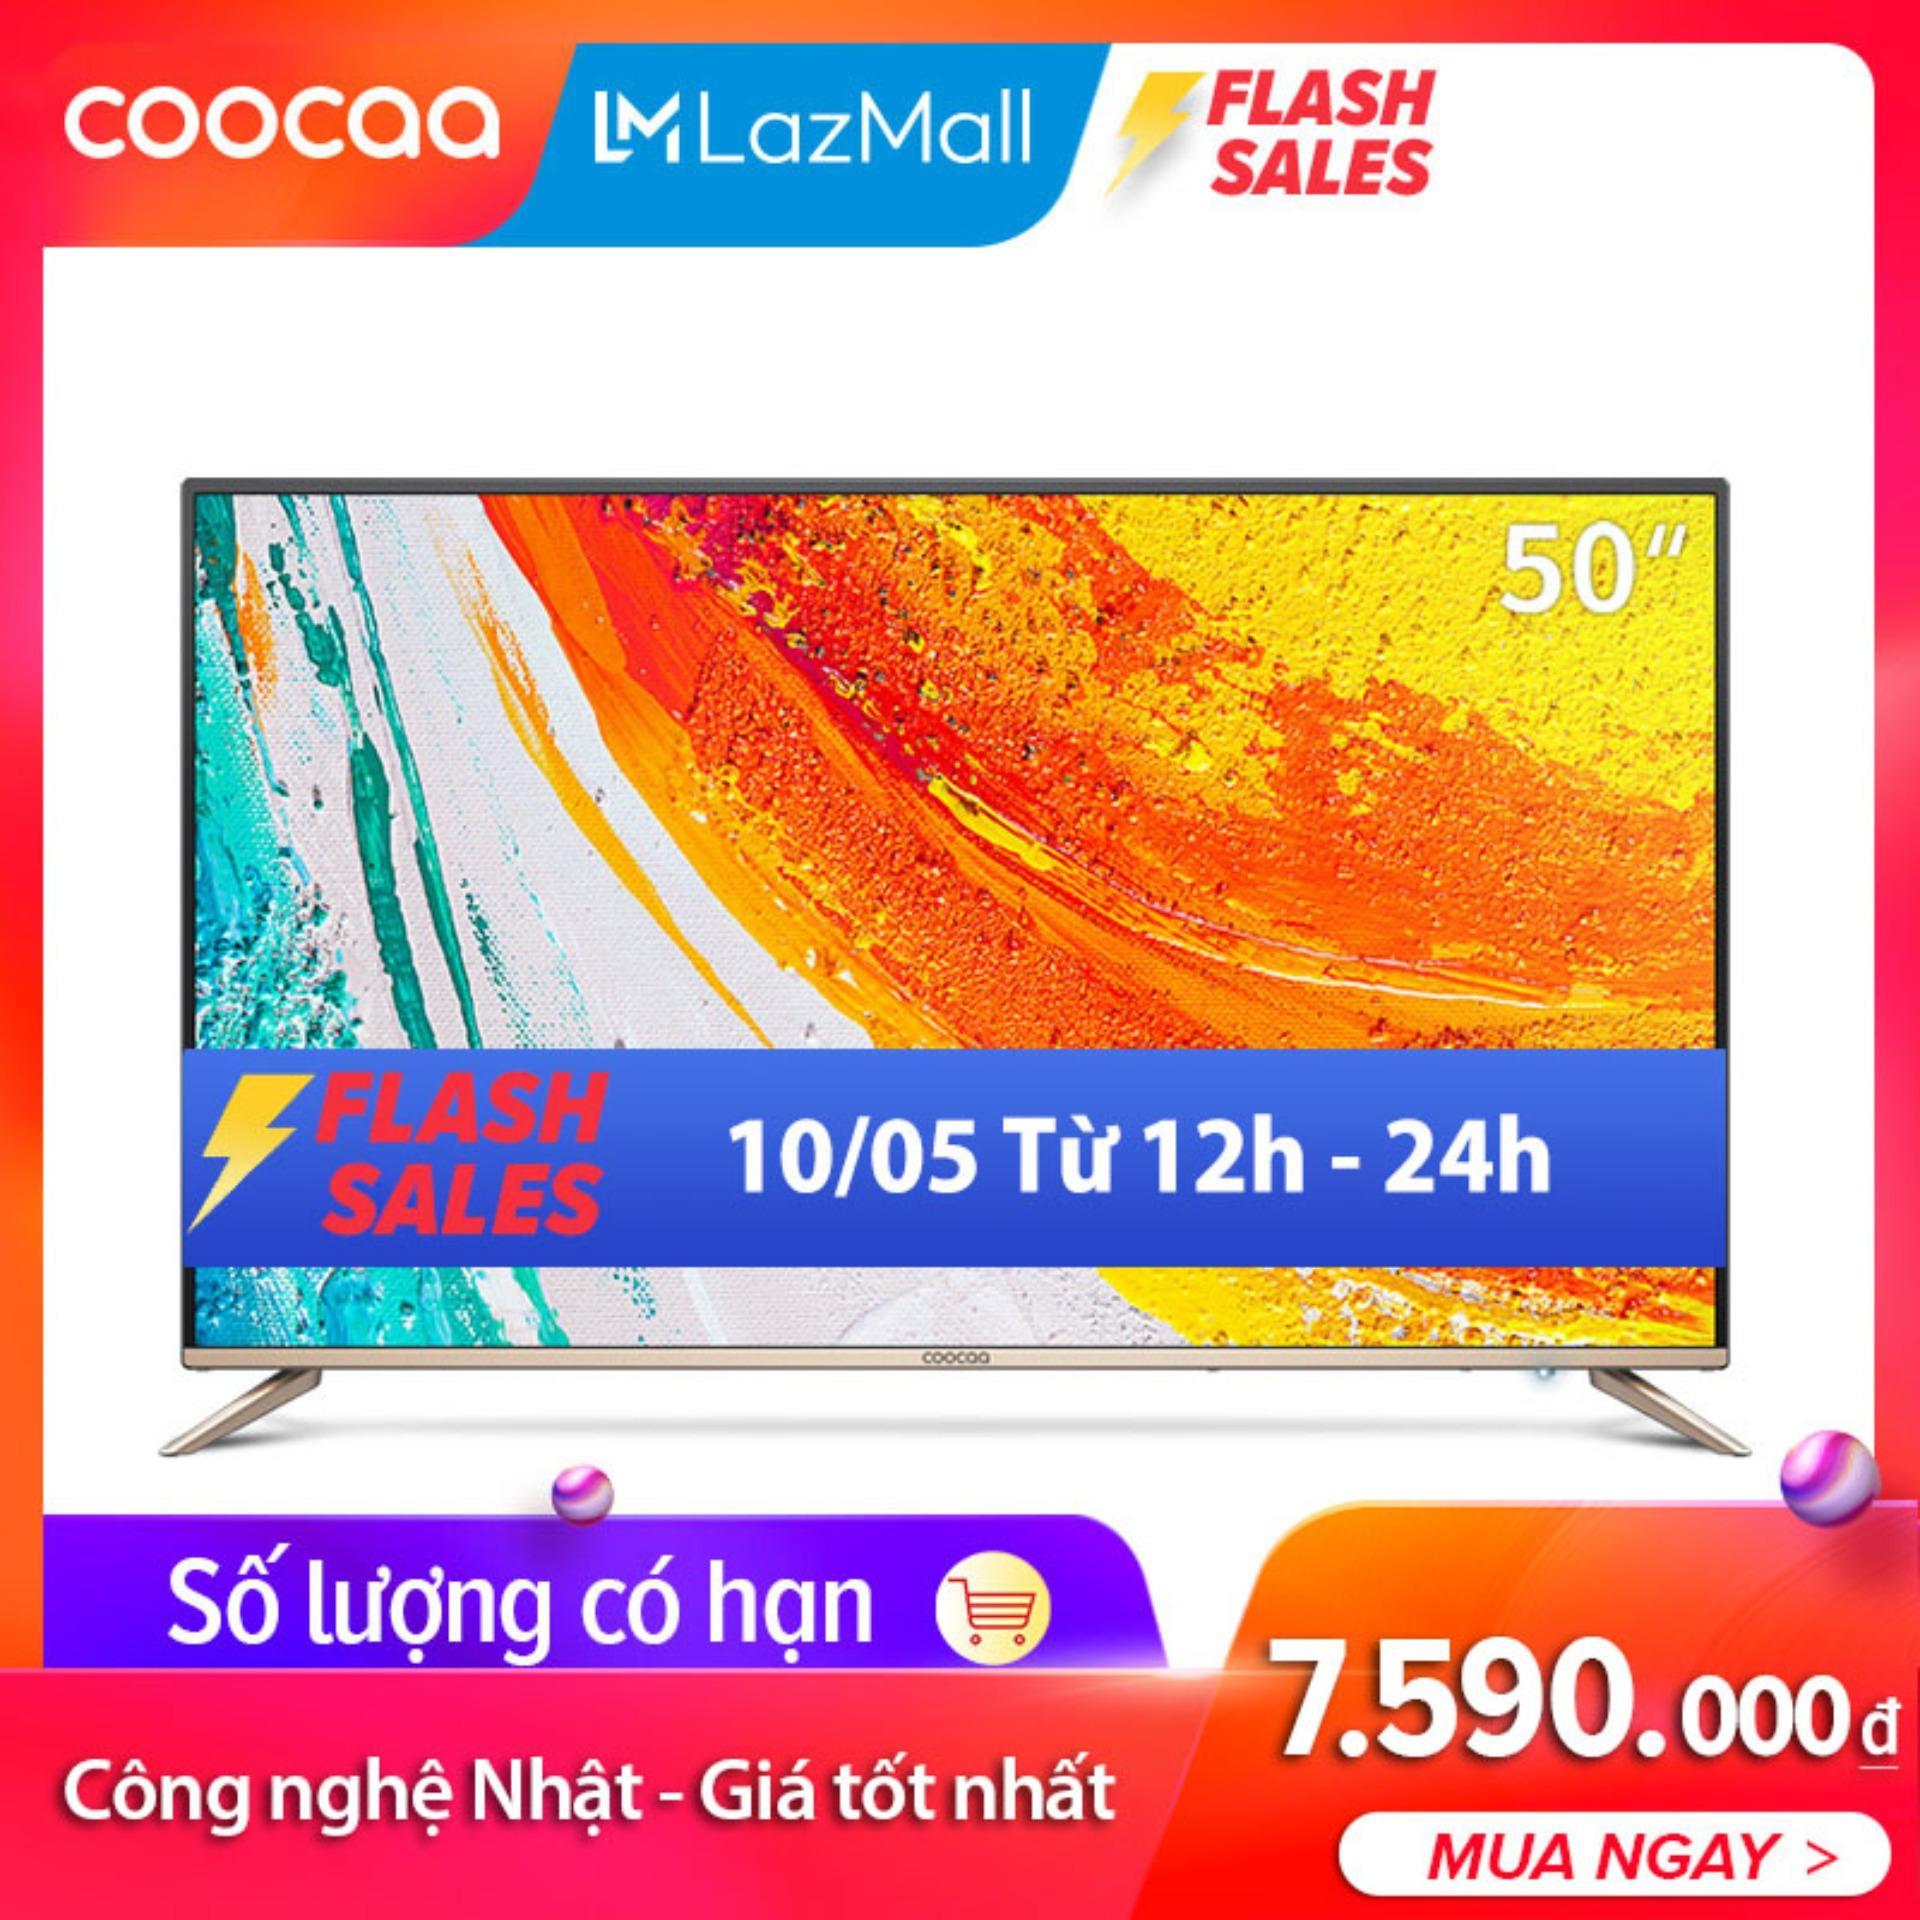 Android TV 4K UHD Coocaa 50 inch Wifi - viền mỏng - Model 50S5G (Vàng) - Chân viền kim loại